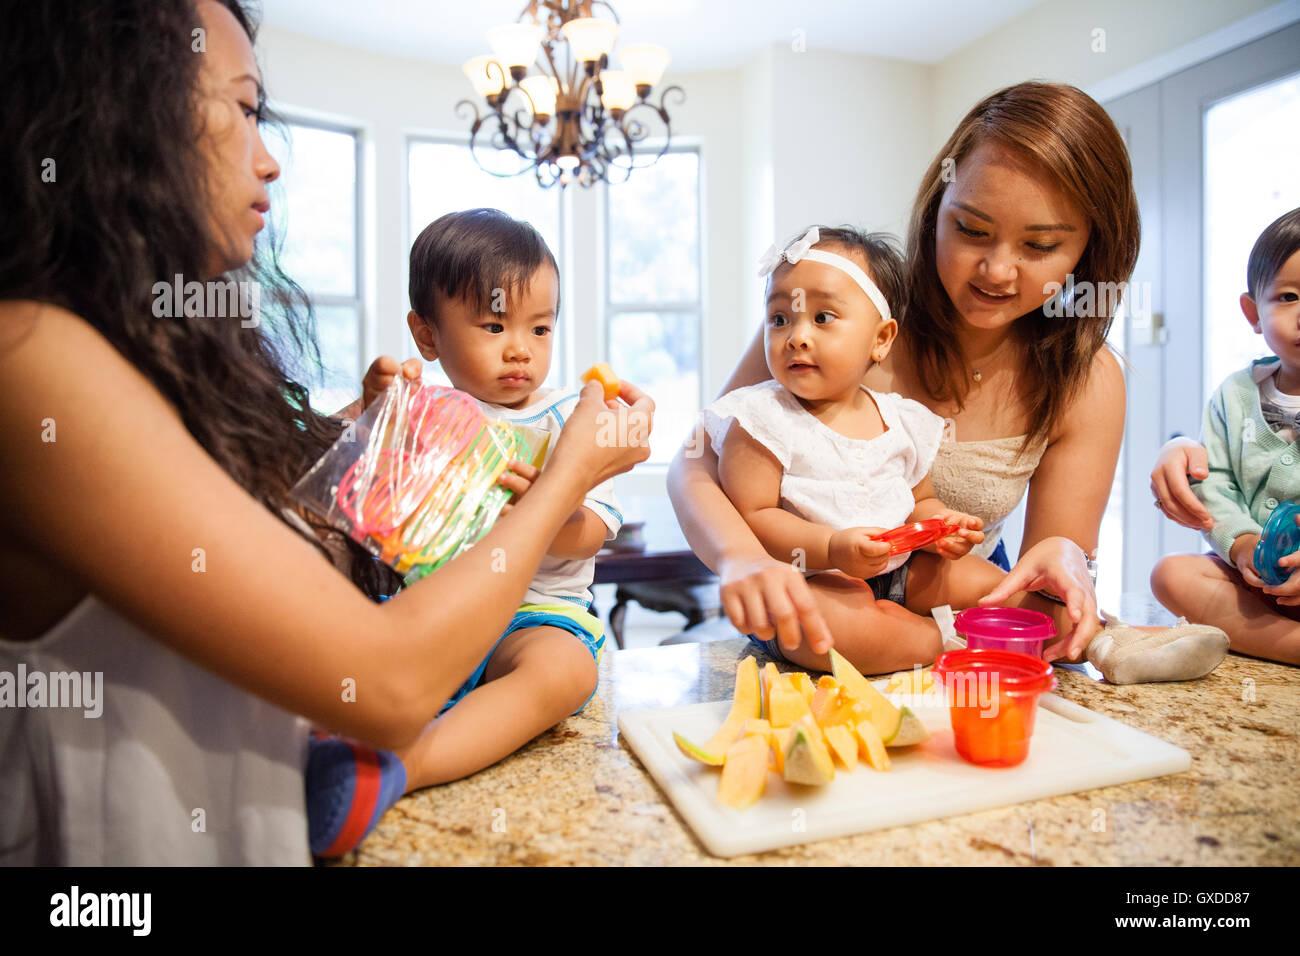 Las mujeres alimentar a su hijo e hija fruto de cocina Foto de stock